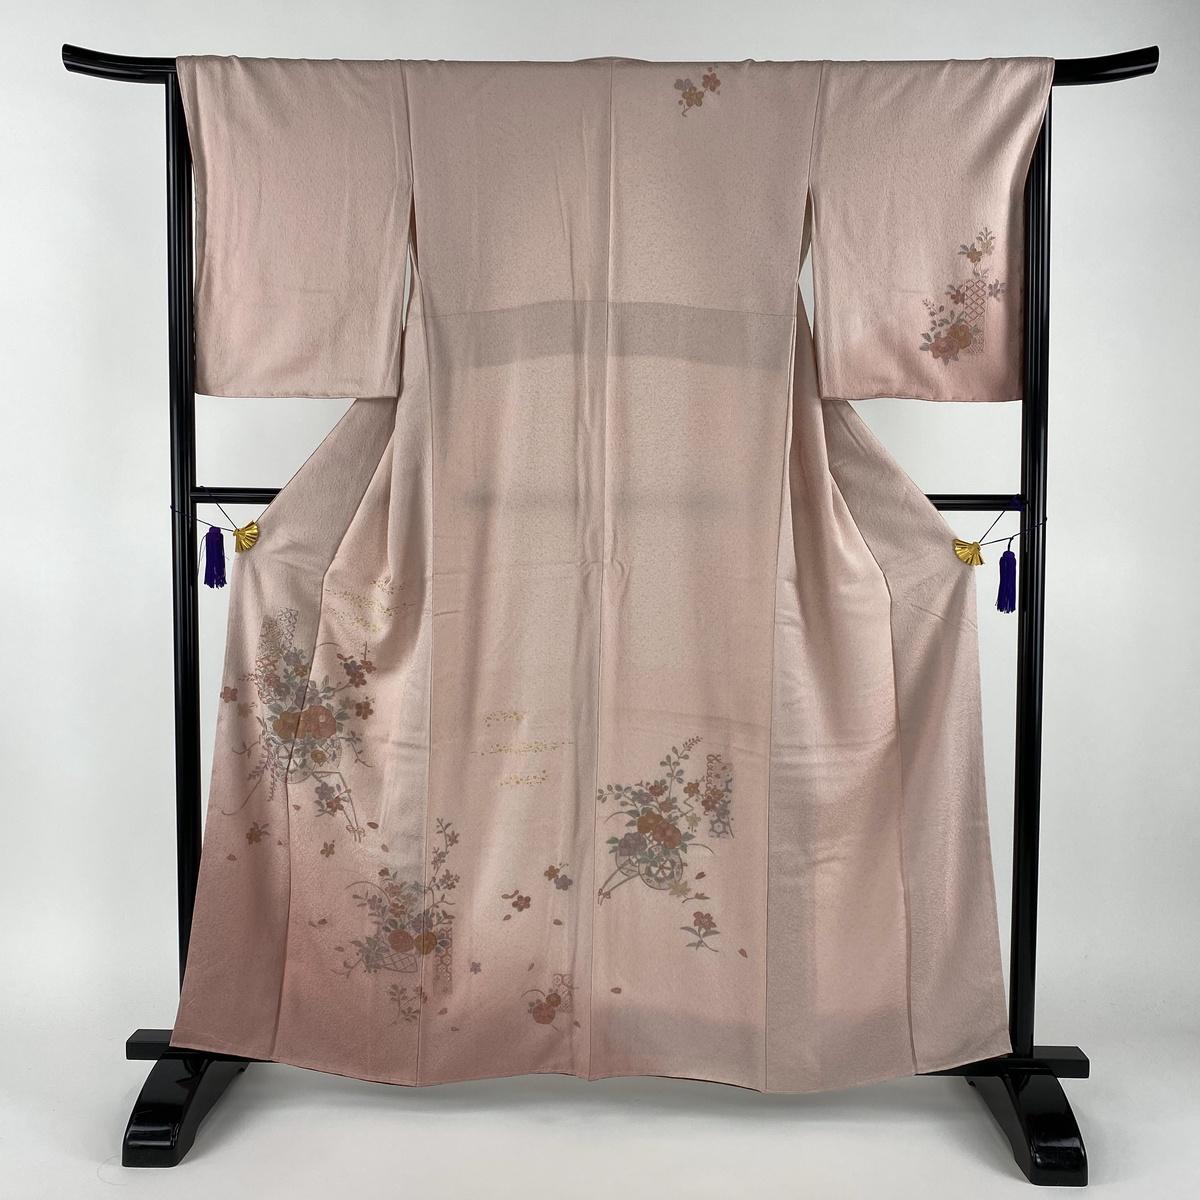 訪問着 美品 秀品 花車 花籠 金彩 刺繍 ピンク 袷 身丈160.5cm 裄丈66cm M 正絹 【中古】